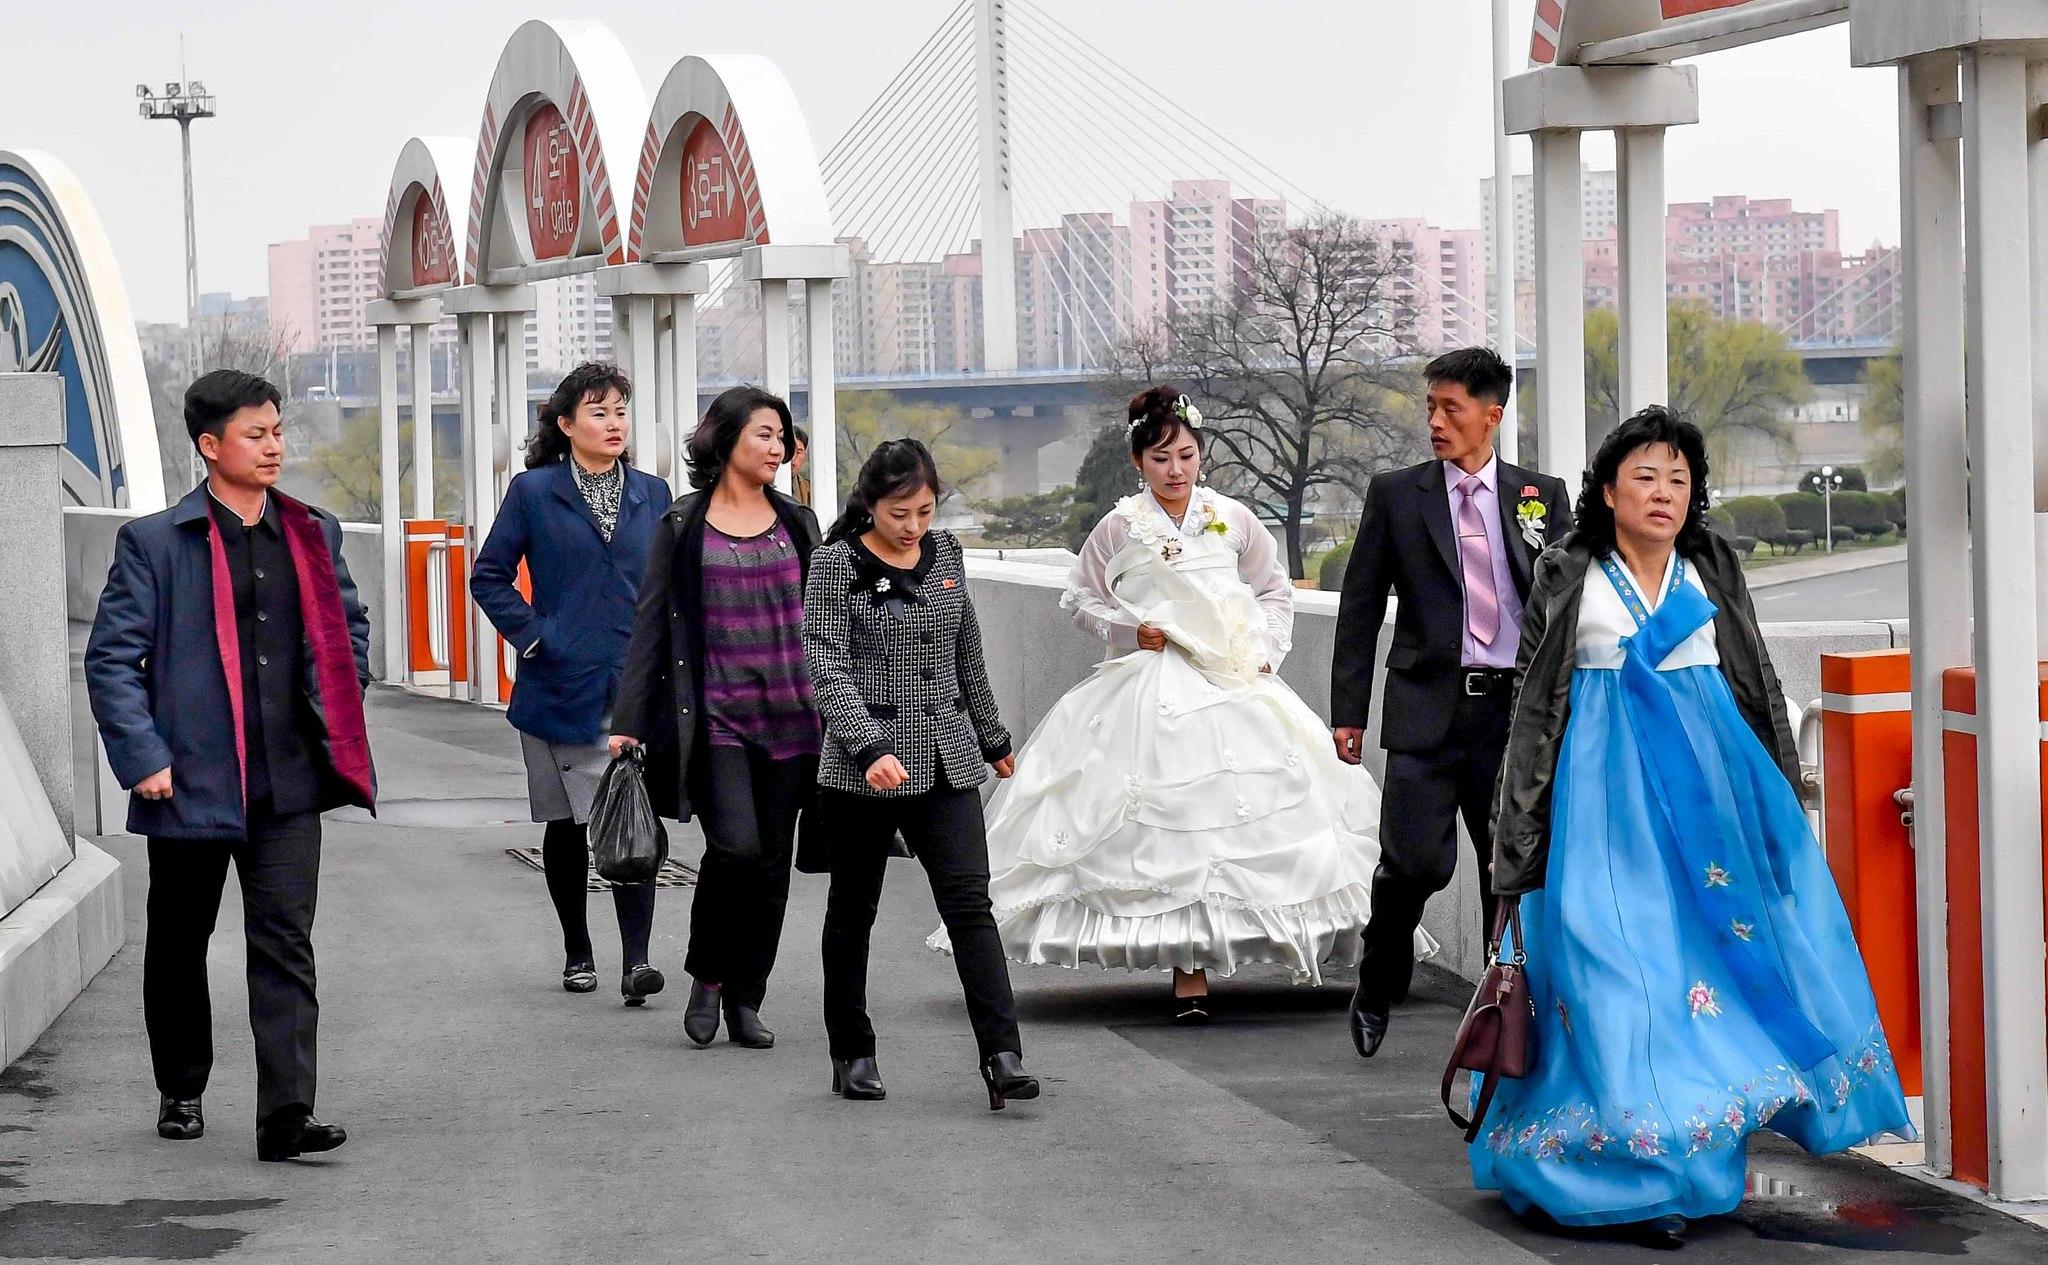 6일 결혼식을 마친 한쌍의 부부가 하객들과 함께 (능라도)경기장을 둘러 보고 있다. 사진공동취재단